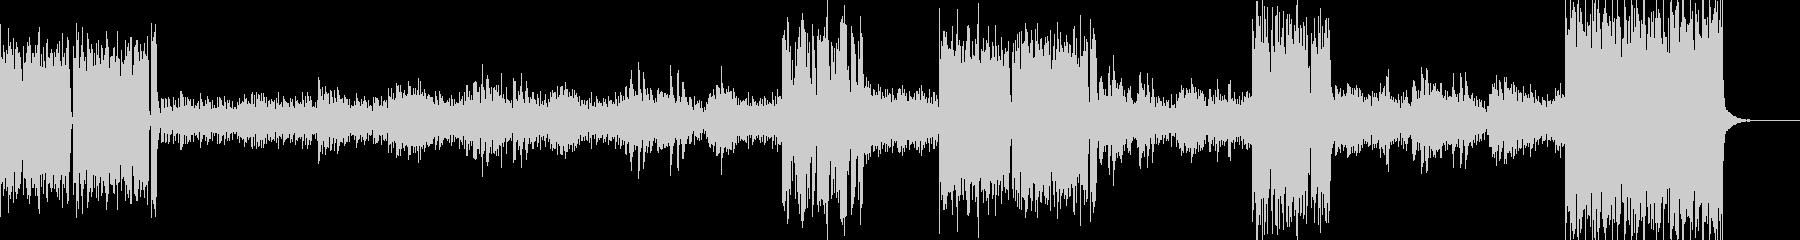 ヒカリノセイの未再生の波形